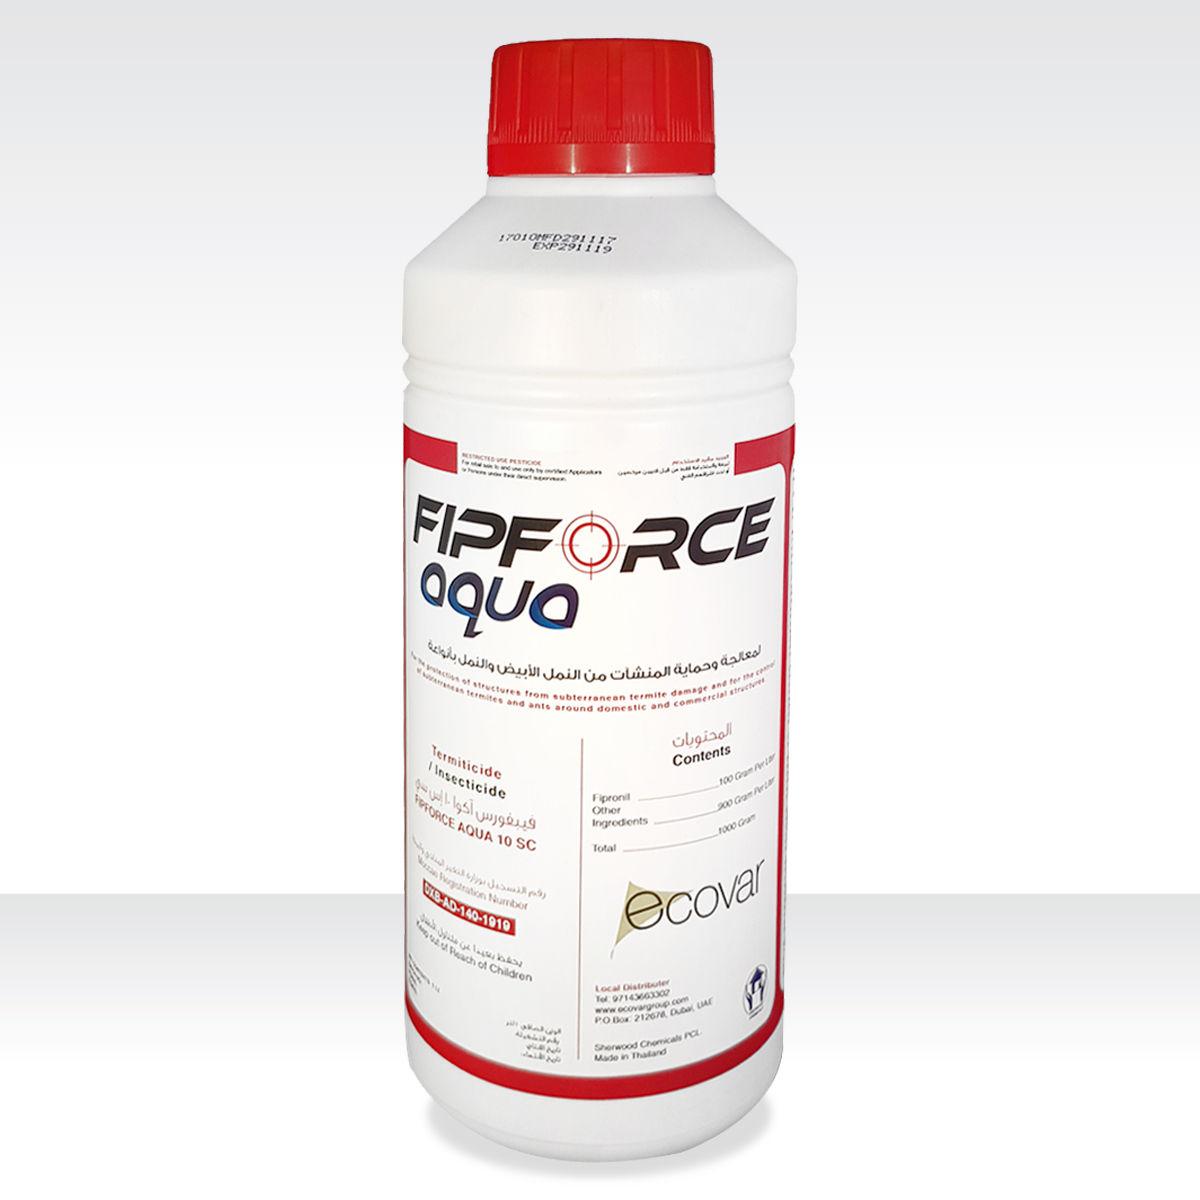 Fipforce Aqua 10 Sc Insecticide Termiticide Ecovar